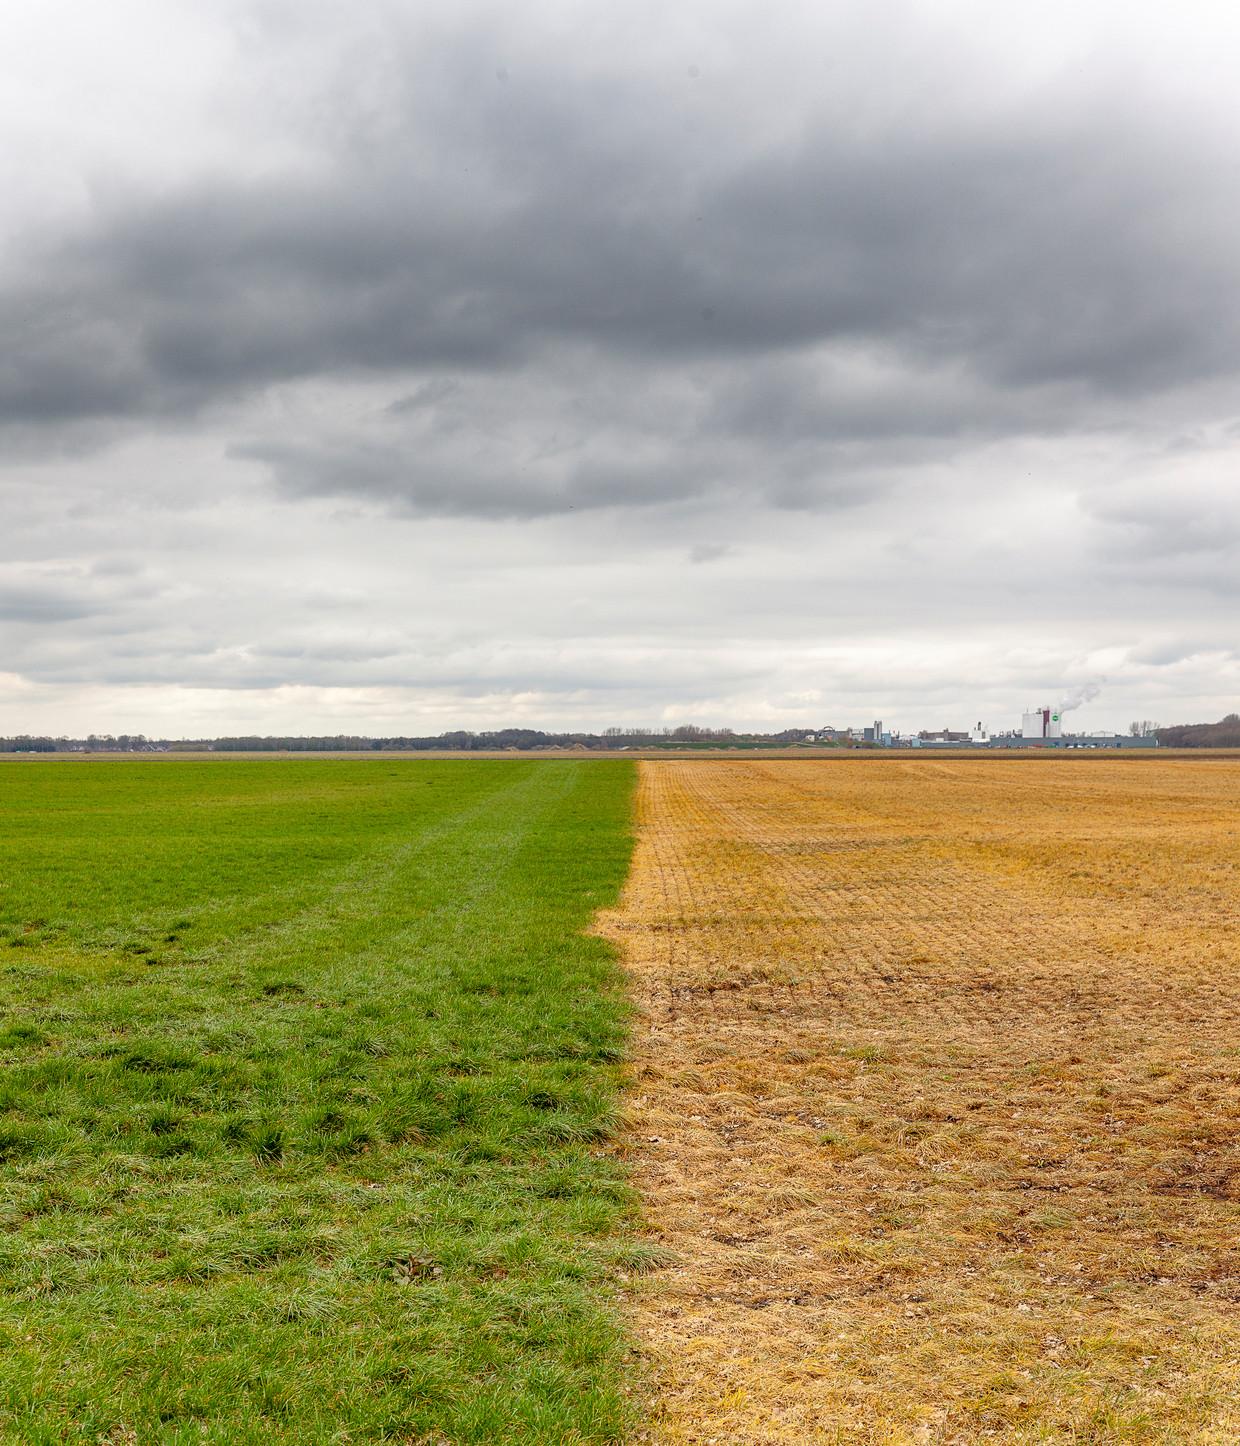 Landerijen in de Drentse Veenkoloniën, met rechts het land bespoten met glyfosaat.